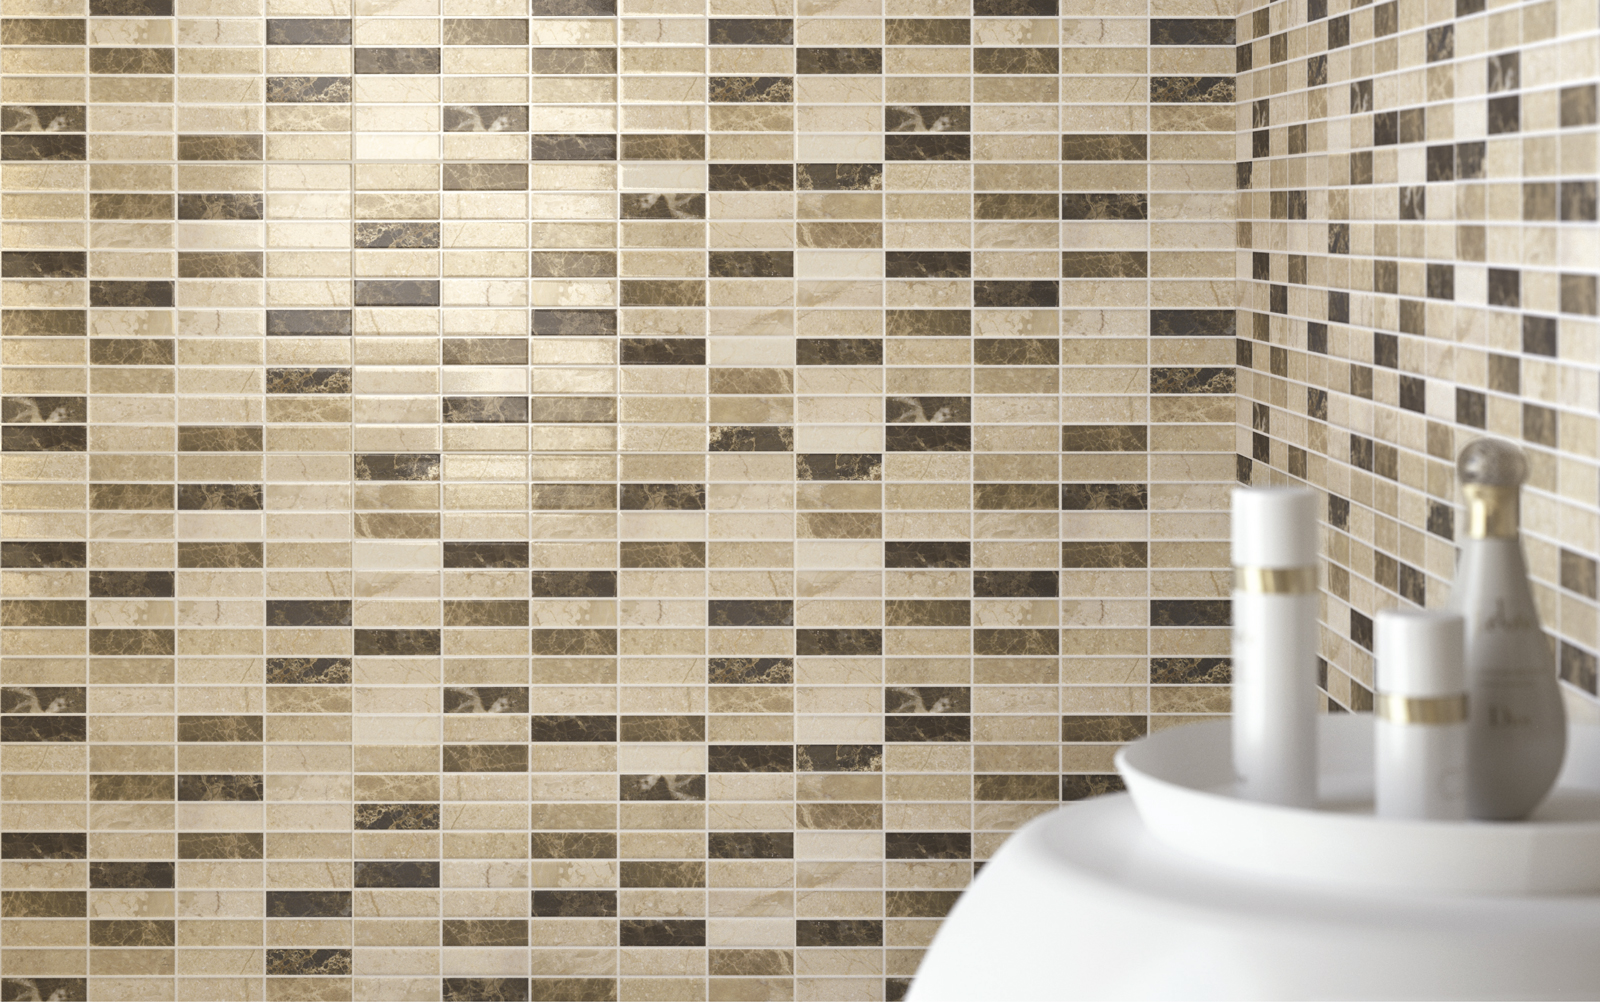 Collezione game mosaici di ceramica per bagno e cucina - Piastrelle finto mosaico bagno ...